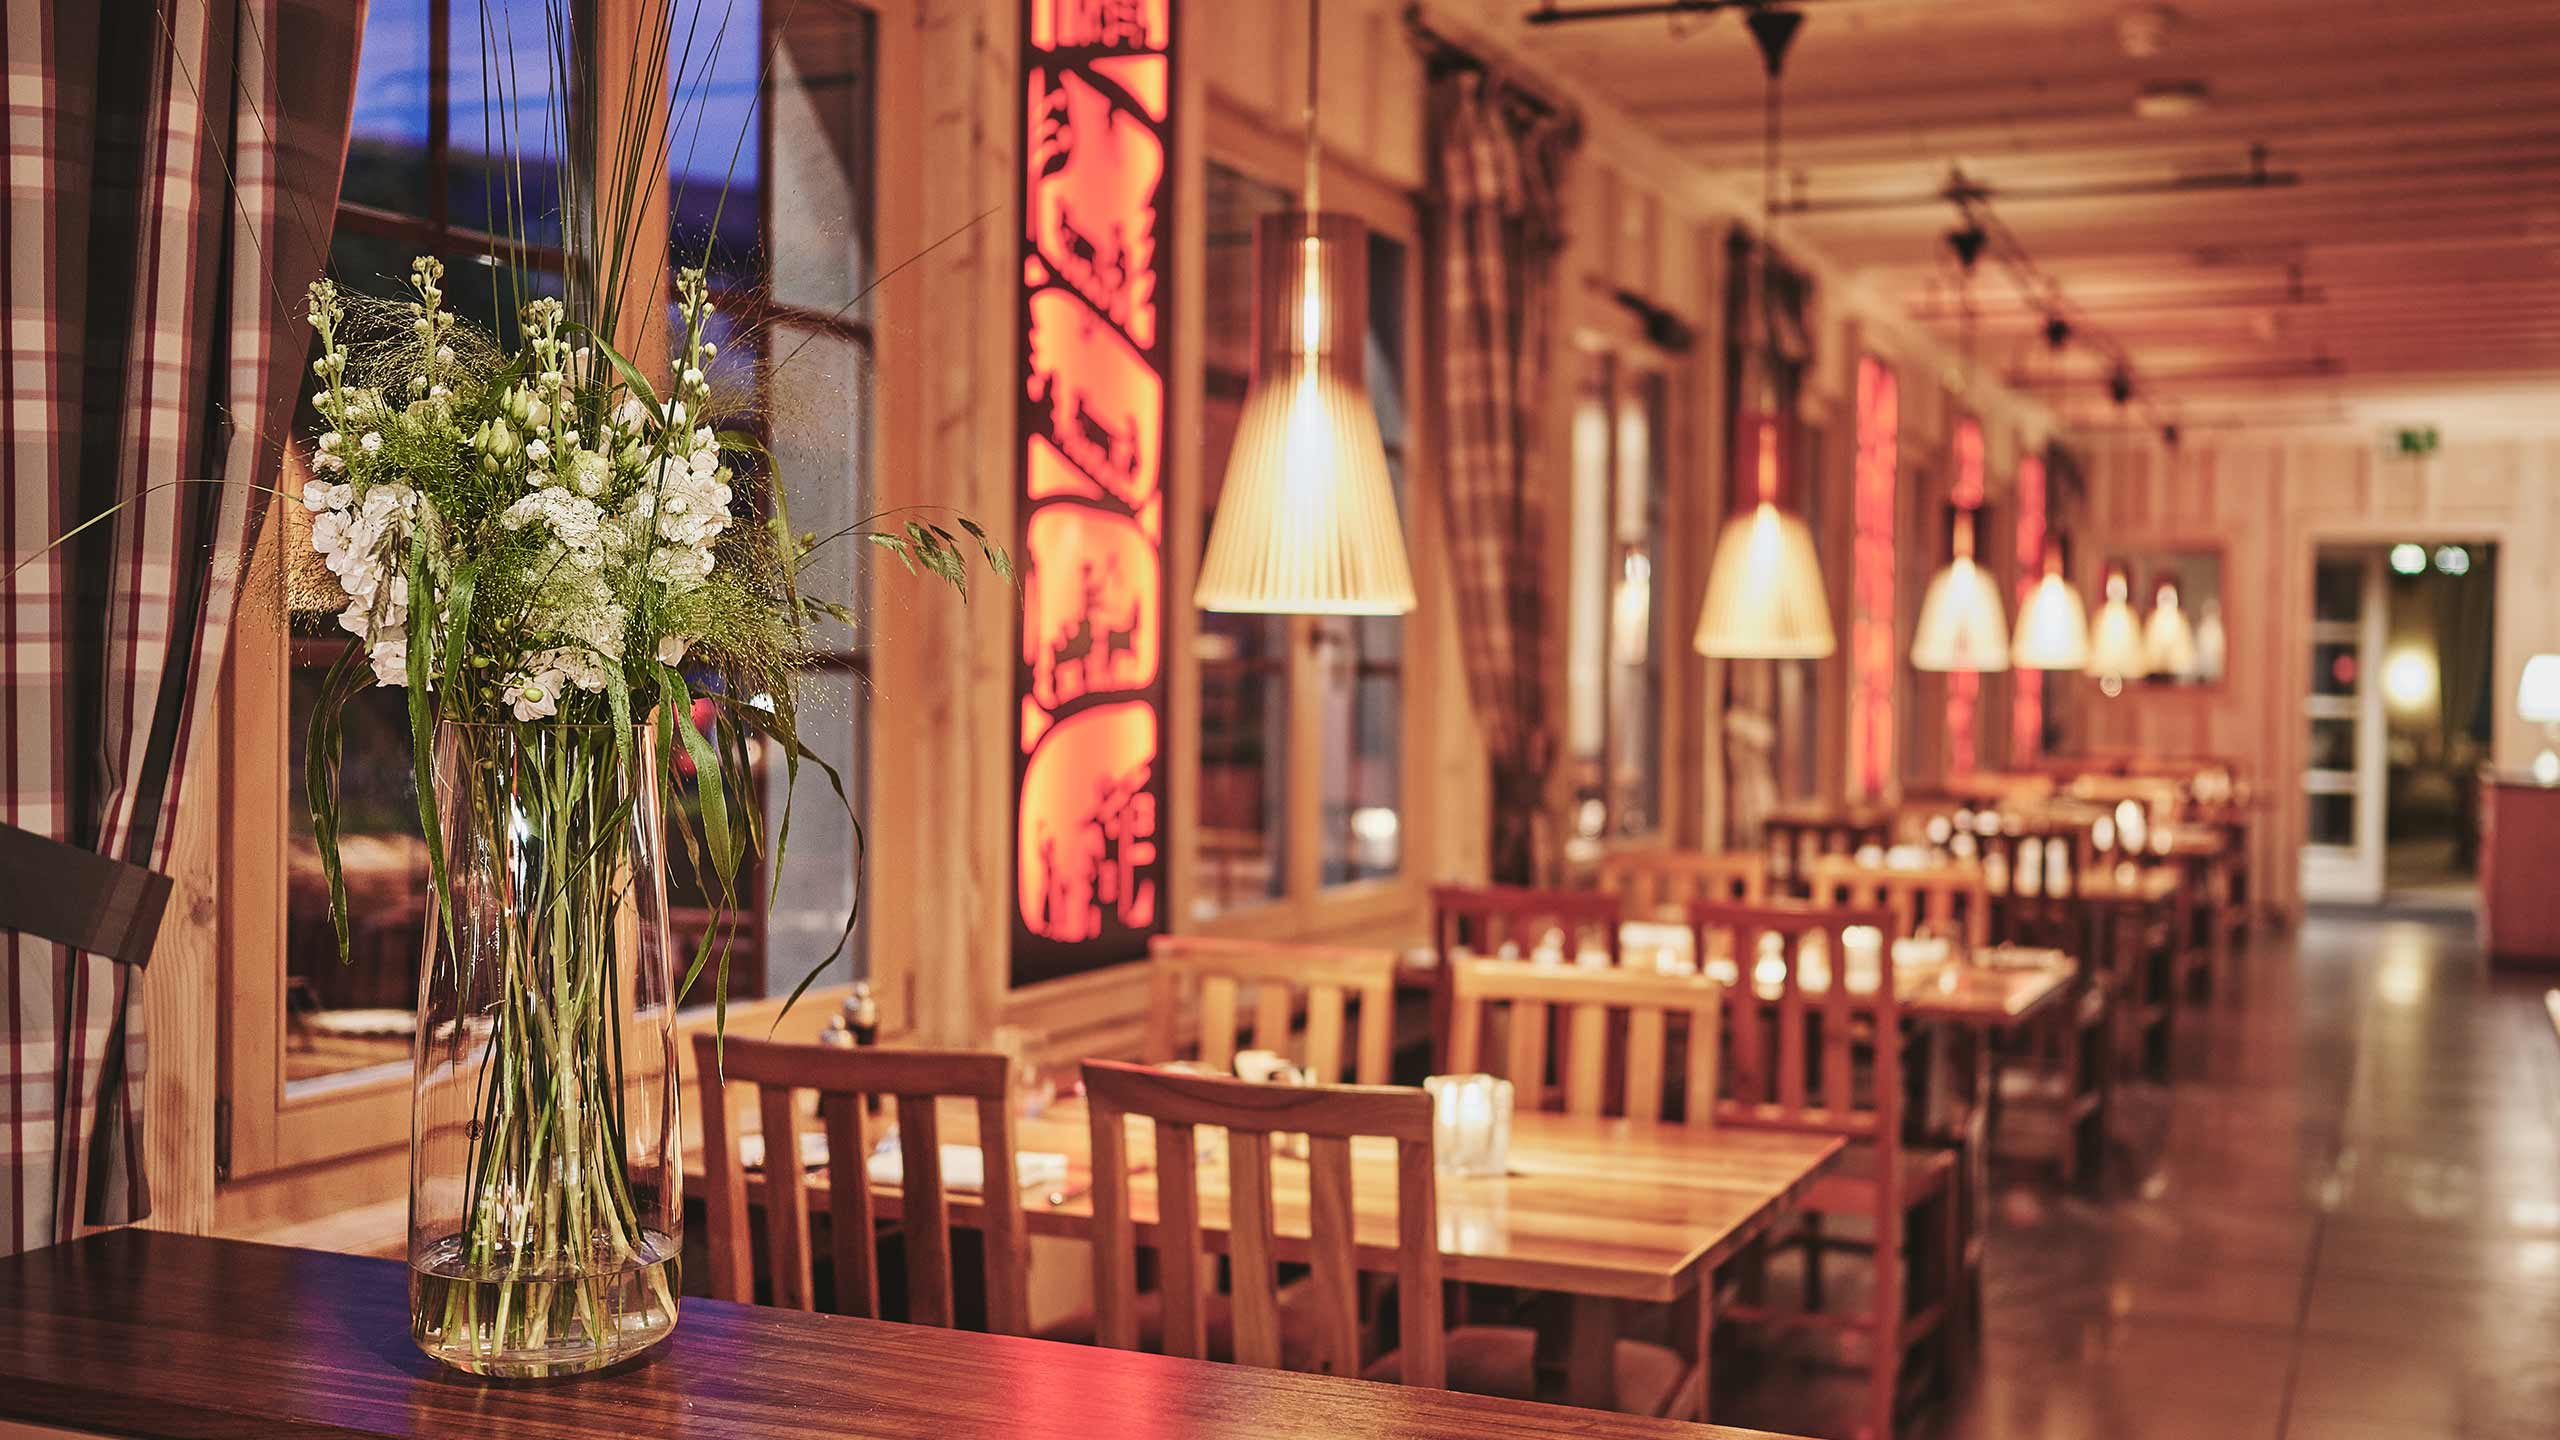 restaurant-taverne-hotel-interlaken-innen-ambiente.jpg